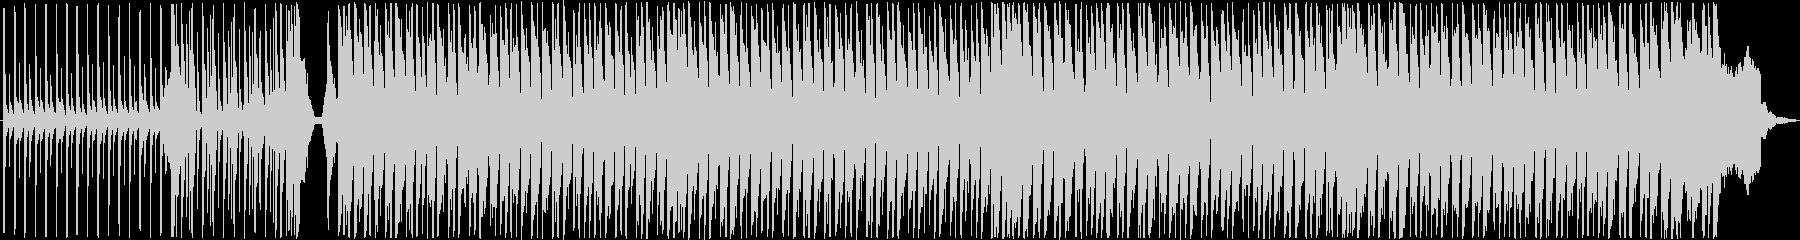 キラキラふわふわなかわいいBGMの未再生の波形